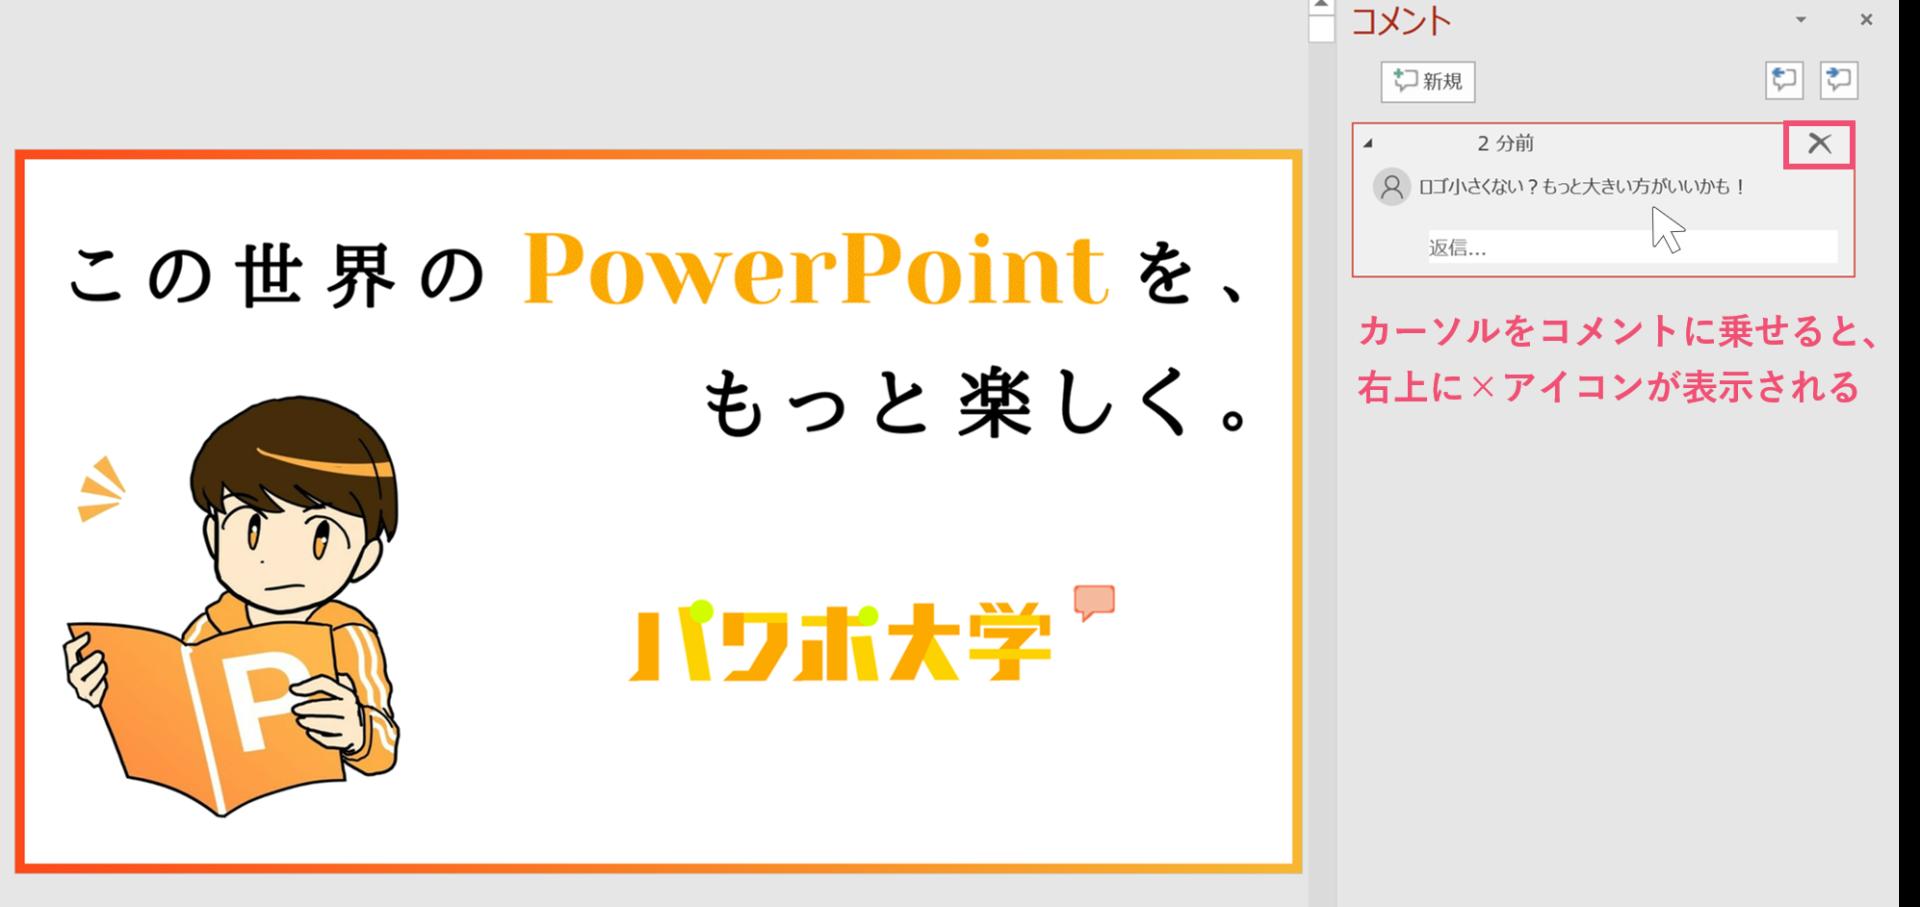 パワーポイントで×マークをクリックするとコメントが削除される